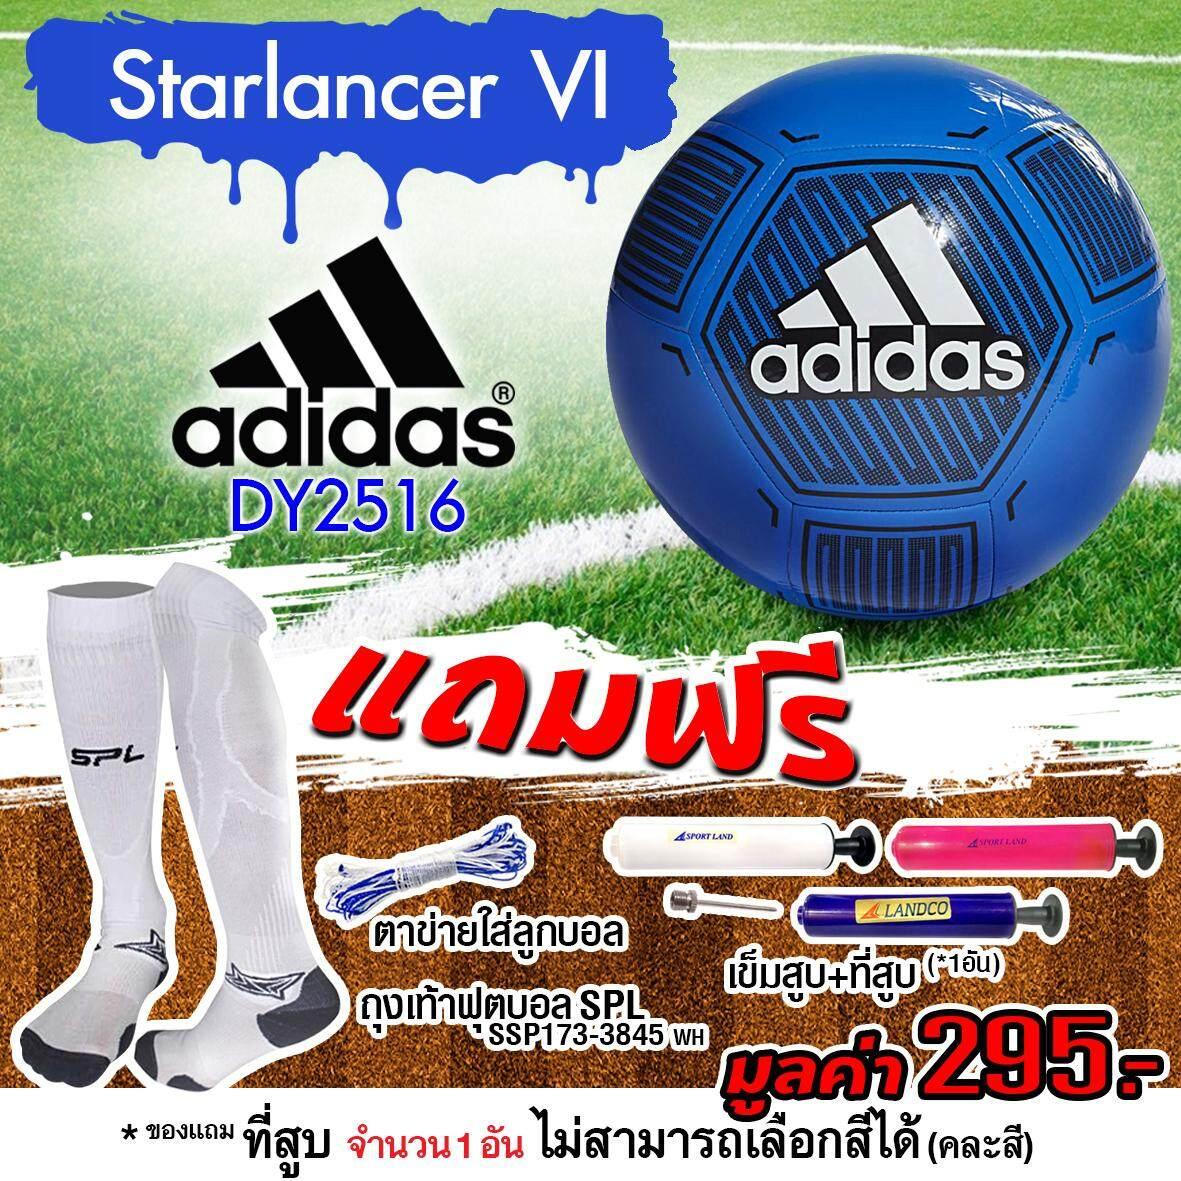 การใช้งาน  Adidas ฟุตบอลหนัง อาดิดาส Football Starlancer VI DY2516(500) แถมฟรี ตาข่ายใส่ลูกฟุตบอล + เข็มสูบสูบลม + สูบมือ SPL รุ่น SL6 + ถุงเท้าฟุตบอล Striker 17.3 WH